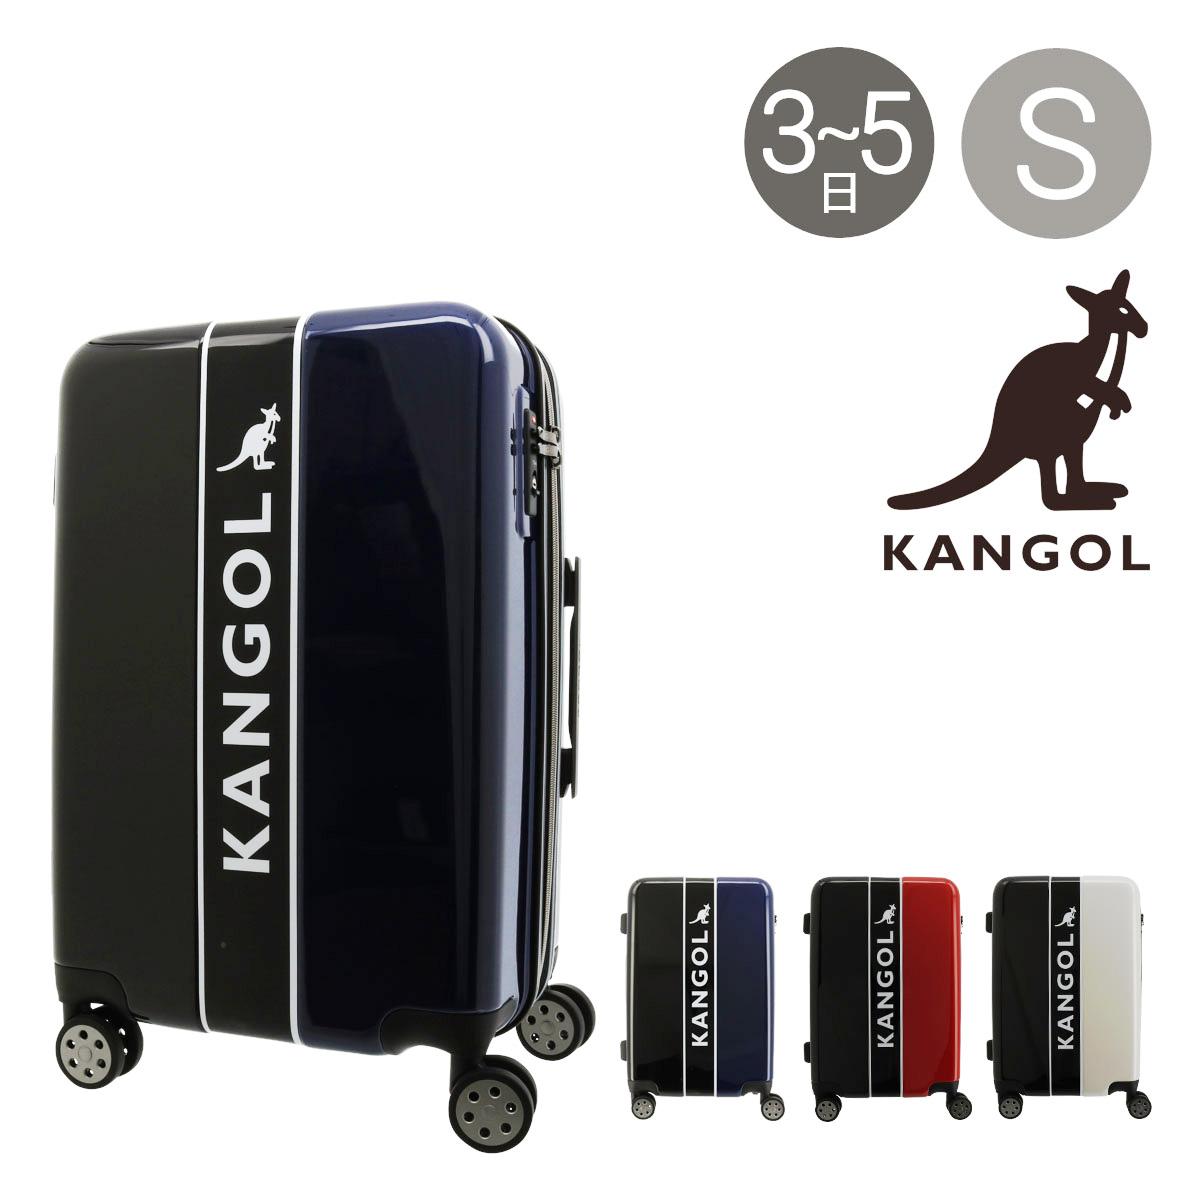 カンゴール スーツケース|50L 56cm 3.7kg 250-05750|軽量 拡張 ハード ファスナー|KANGOL|TSAロック搭載|大容量|おしゃれ キャリーバッグ キャリーケース[即日発送]